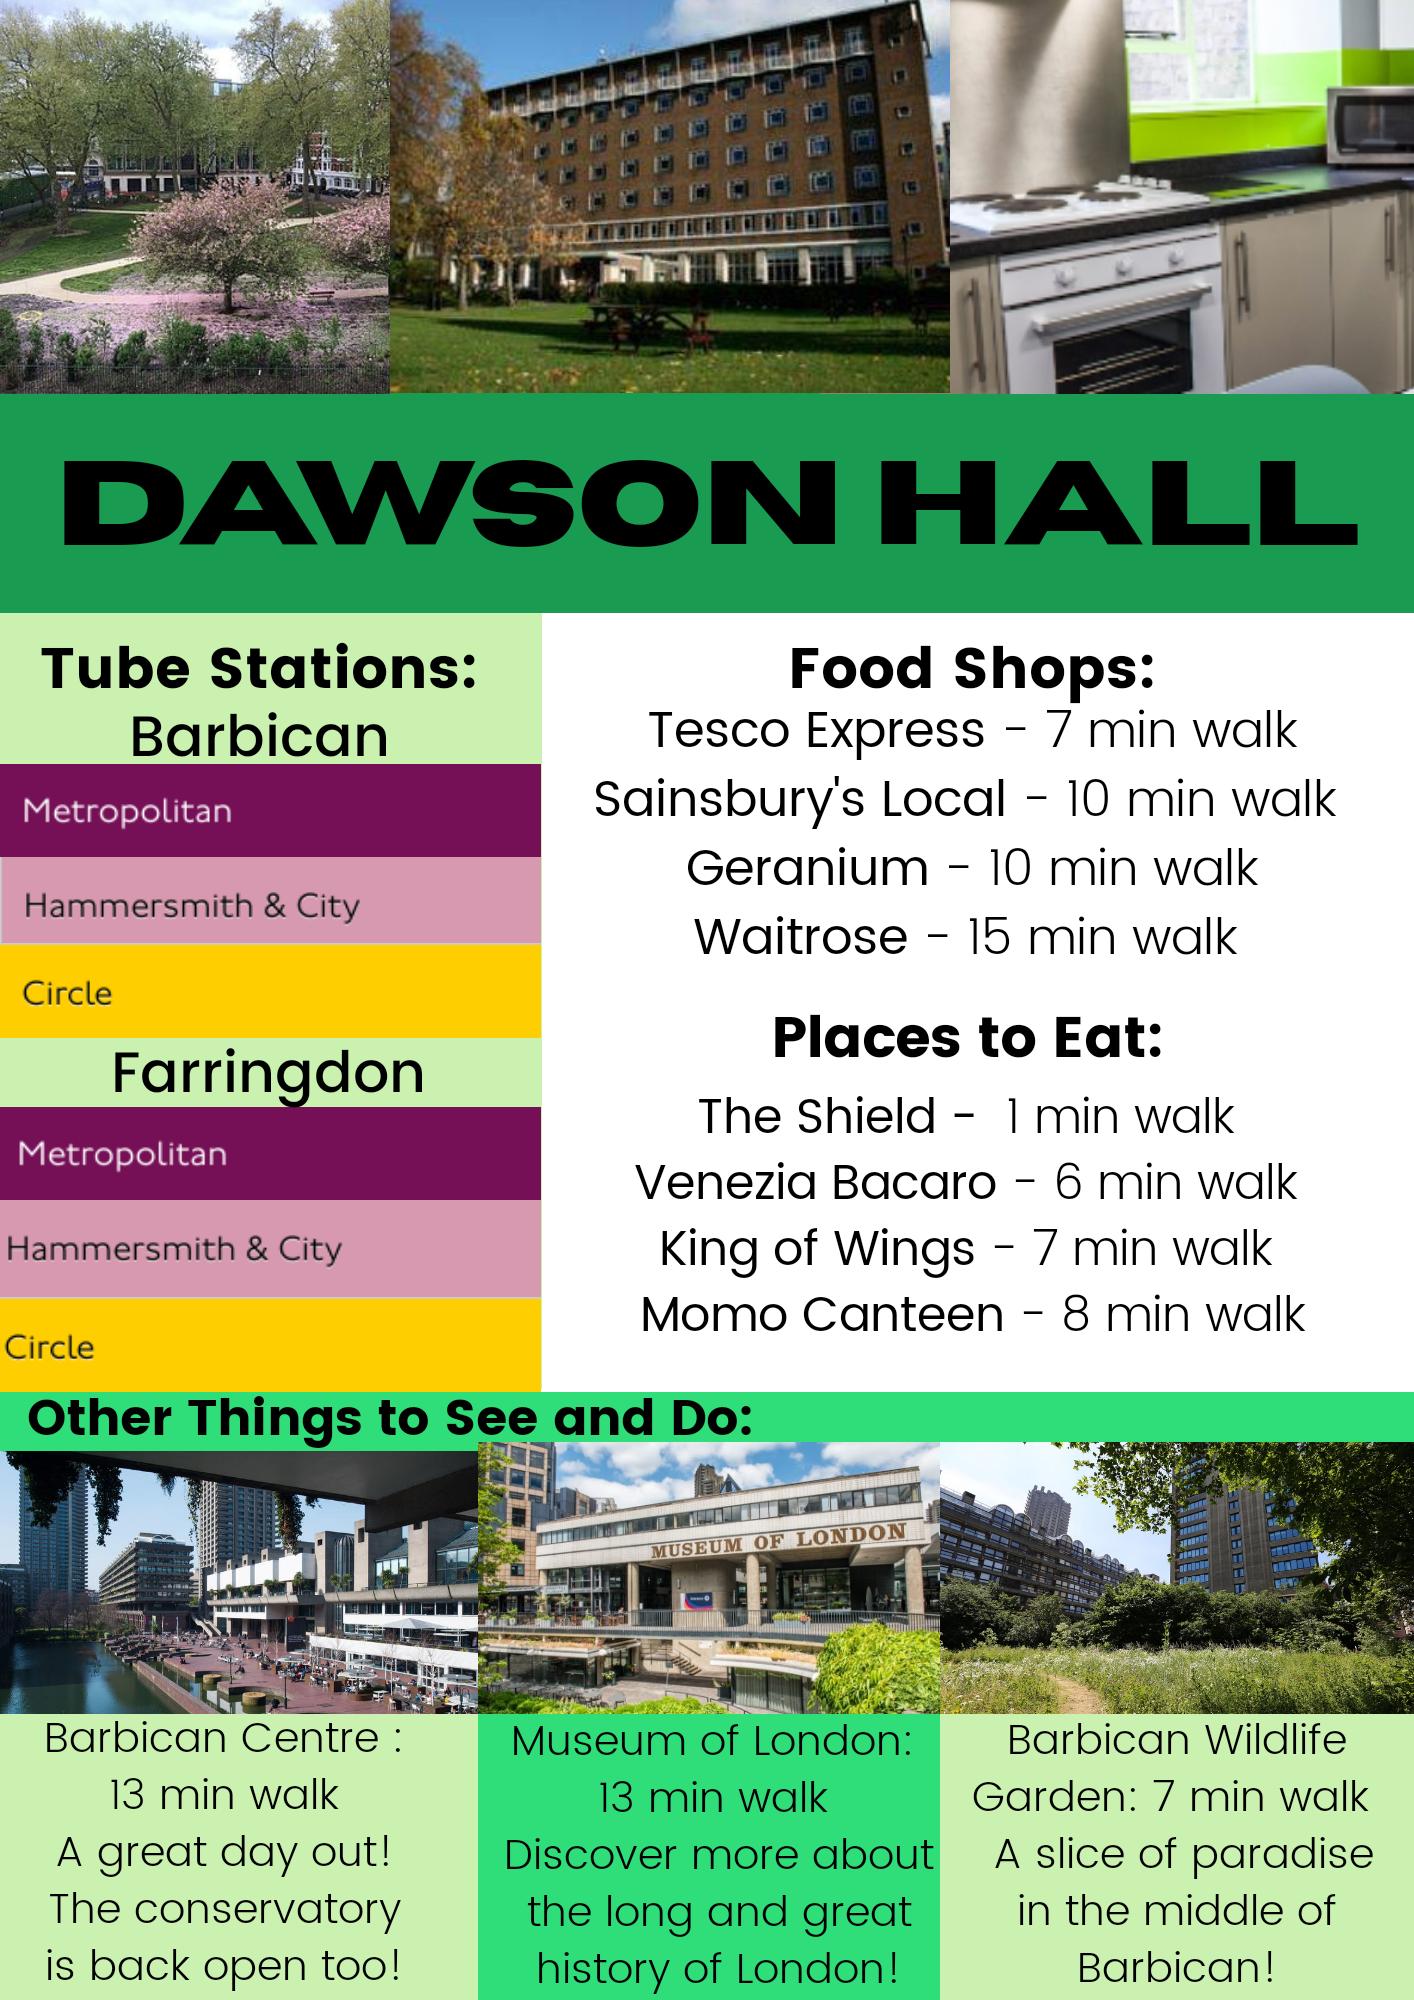 Dawson Hall leaflet